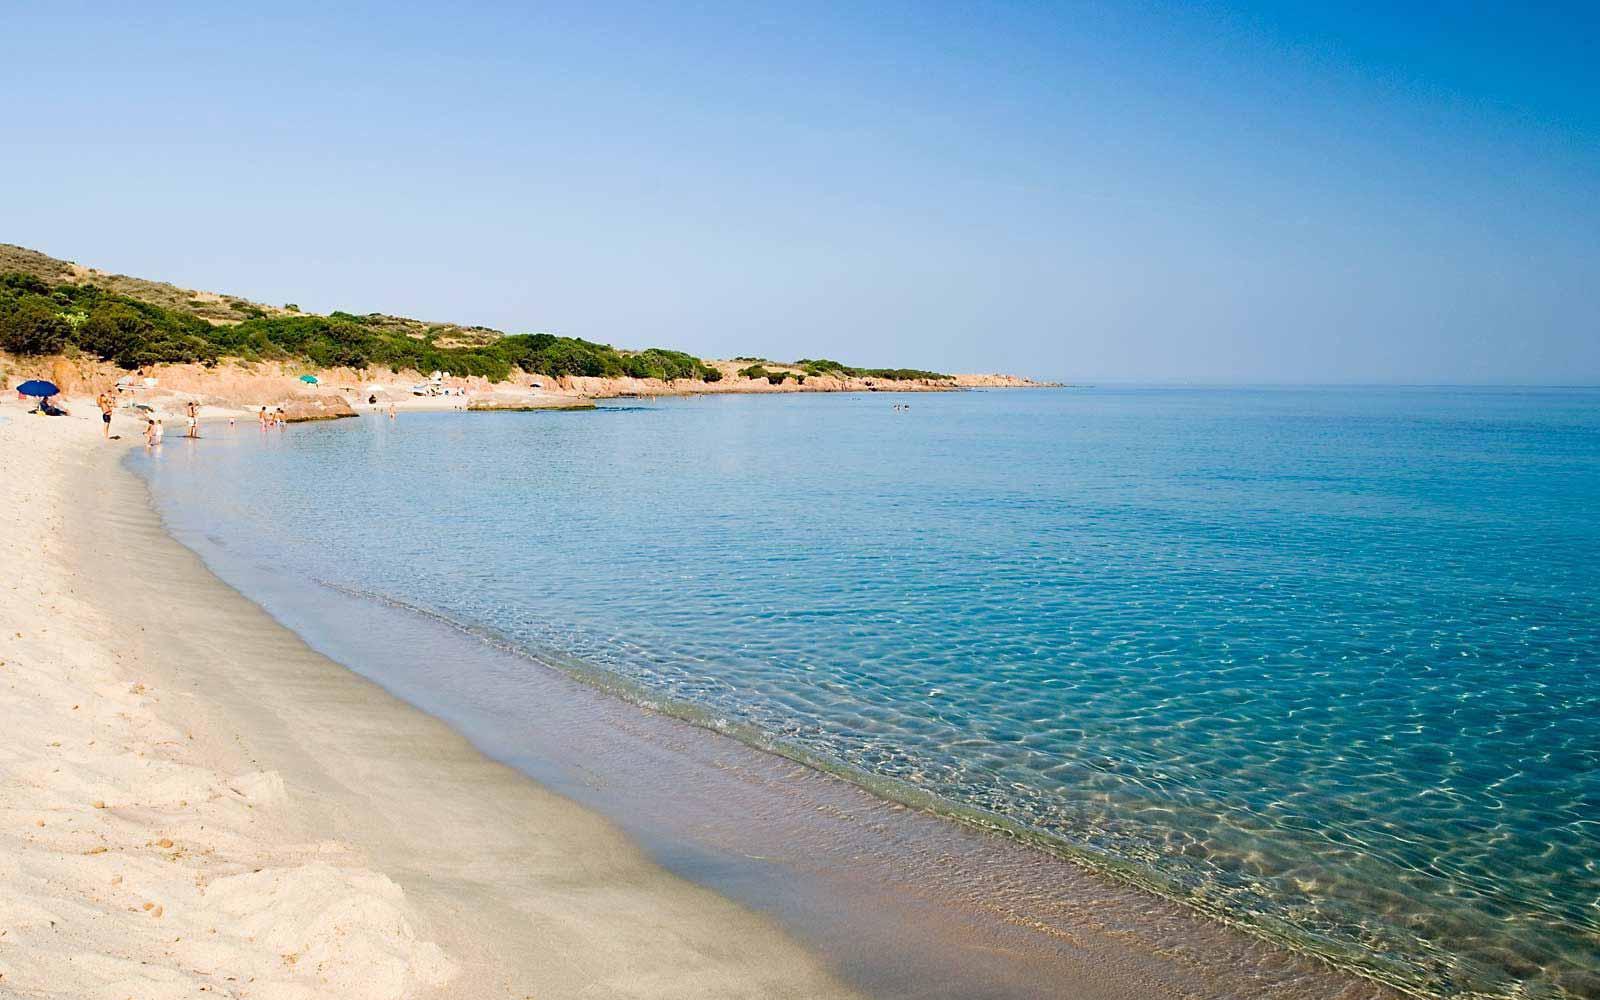 Beach by Hotel Marinedda Thalasso & Spa